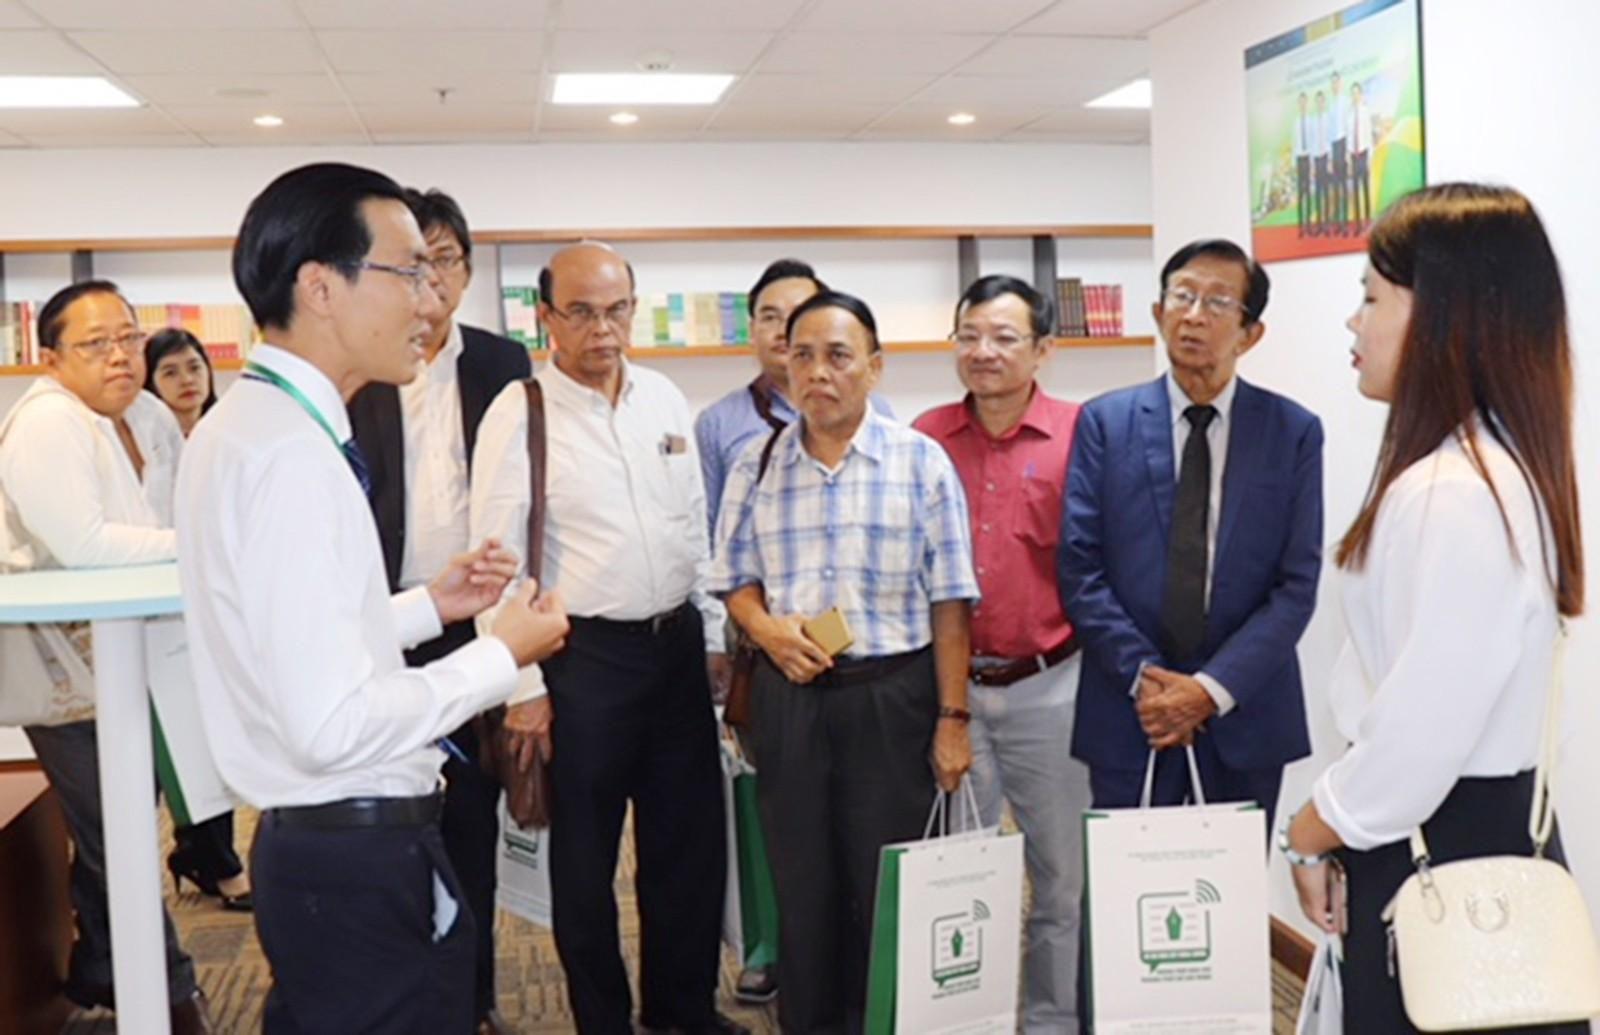 Đoàn báo chí Myanmar thăm Trung tâm Báo chí TPHCM Ảnh 1